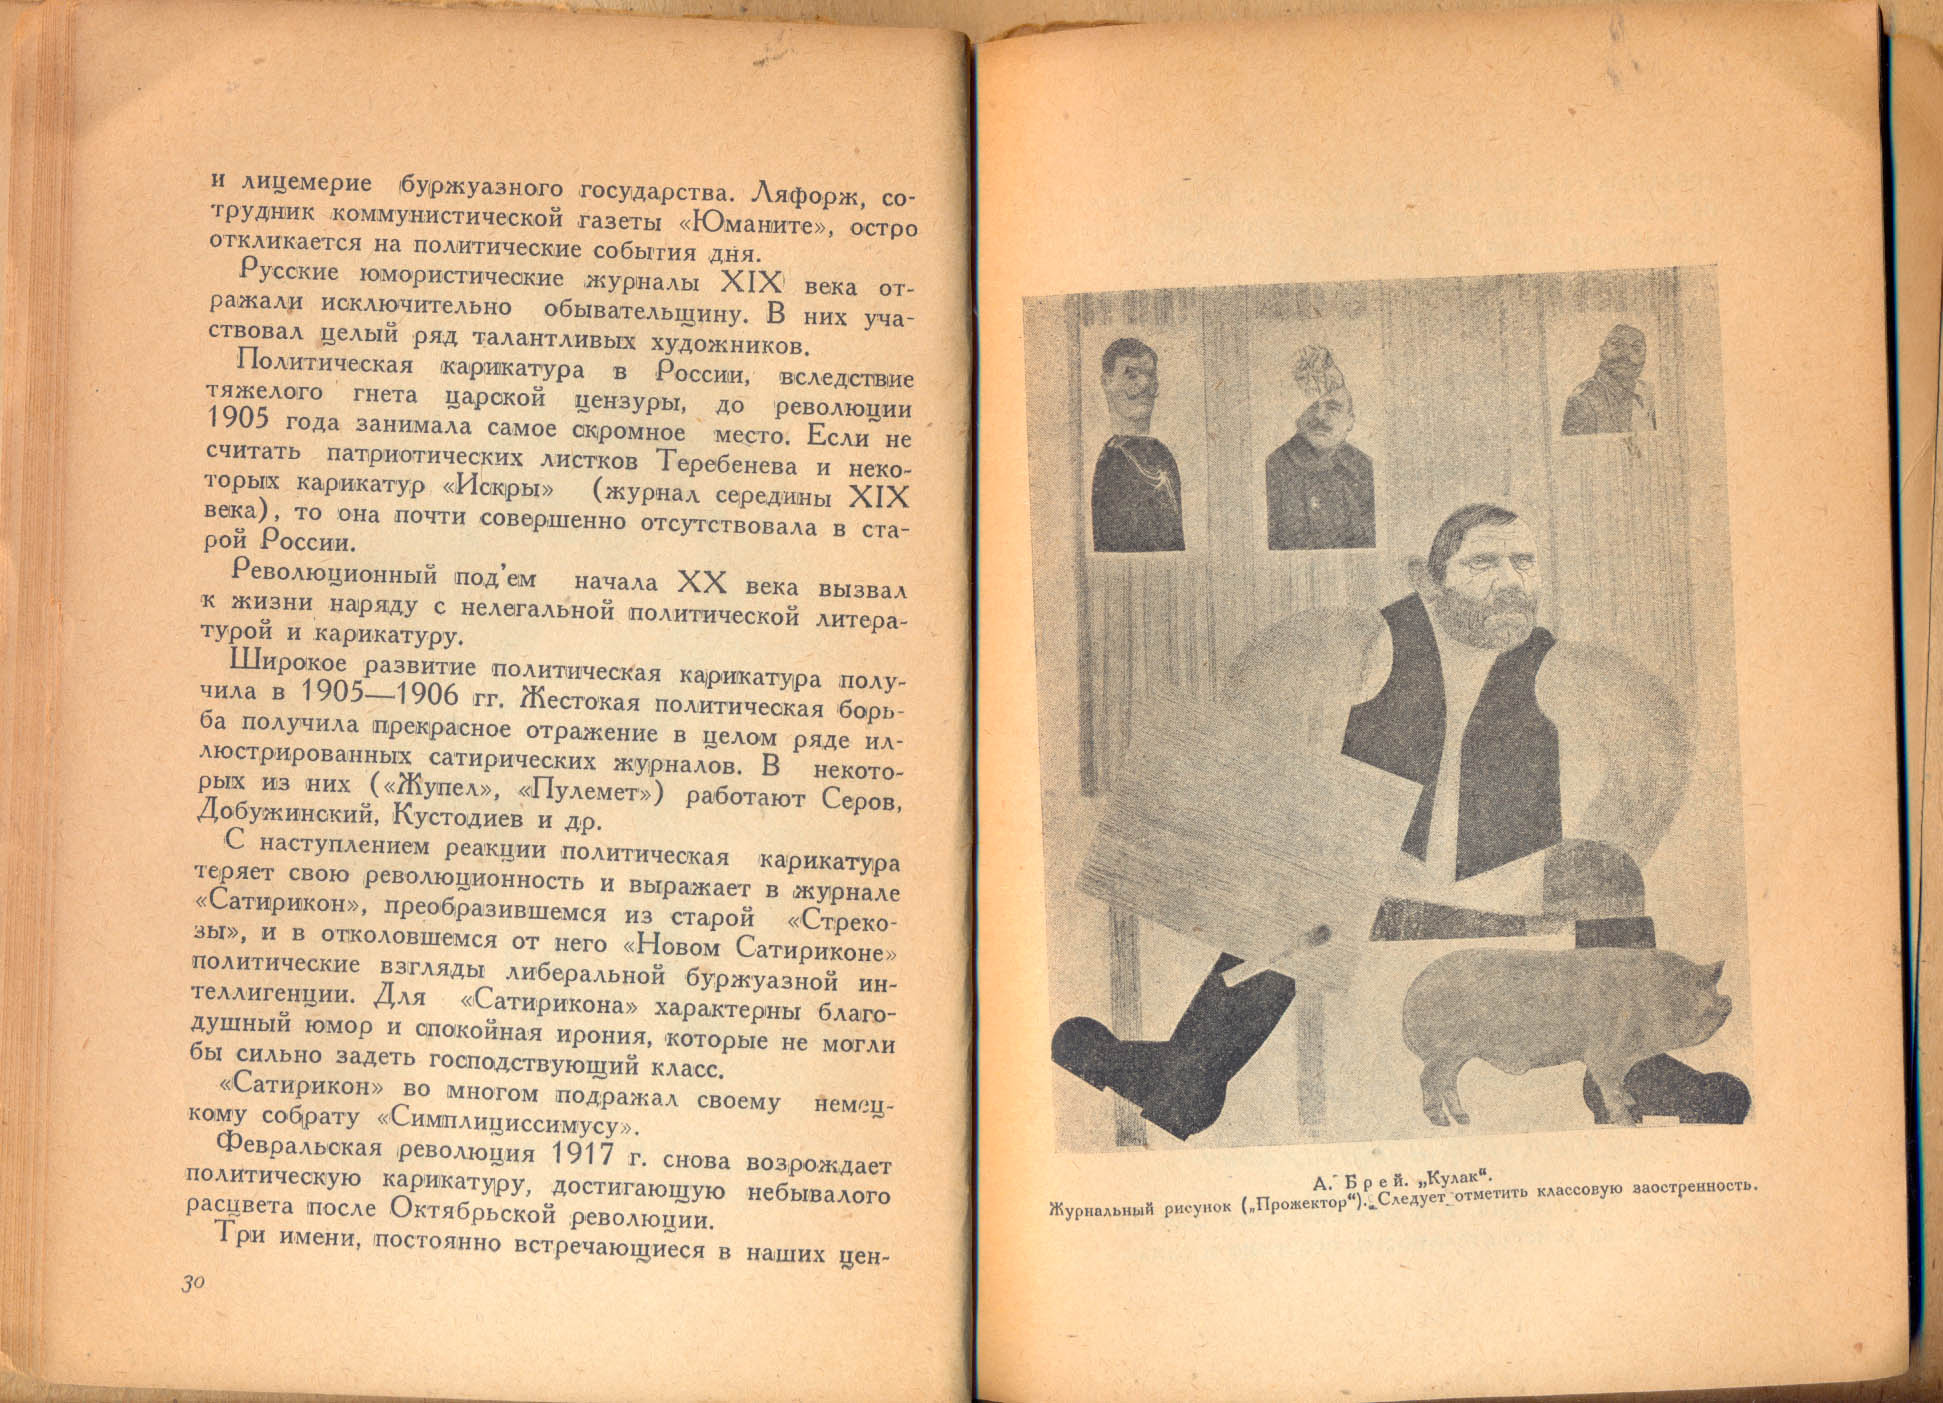 иллюстрация в книге 30.jpg